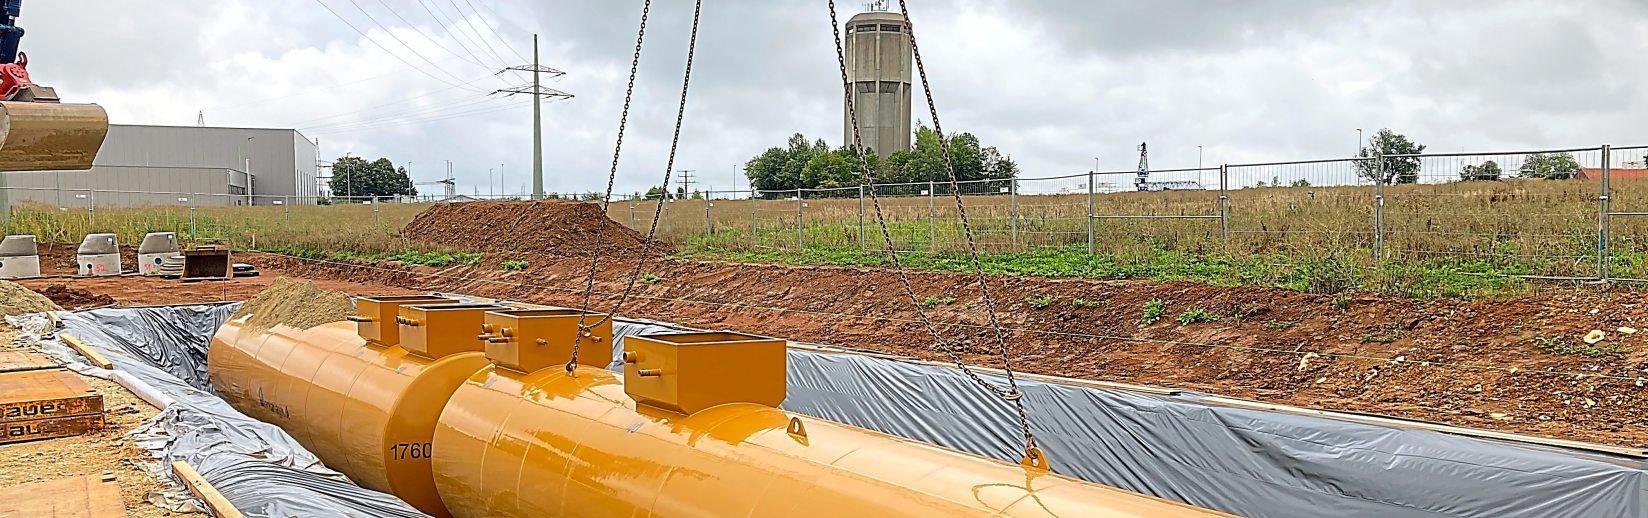 In der unterirdischen Tankanlage haben insgesamt 120 000 Liter Treibstoff Platz. Das Bild zeigt den Einbau der Tanks, im Hintergrund der Wasserturm an der Lüften.